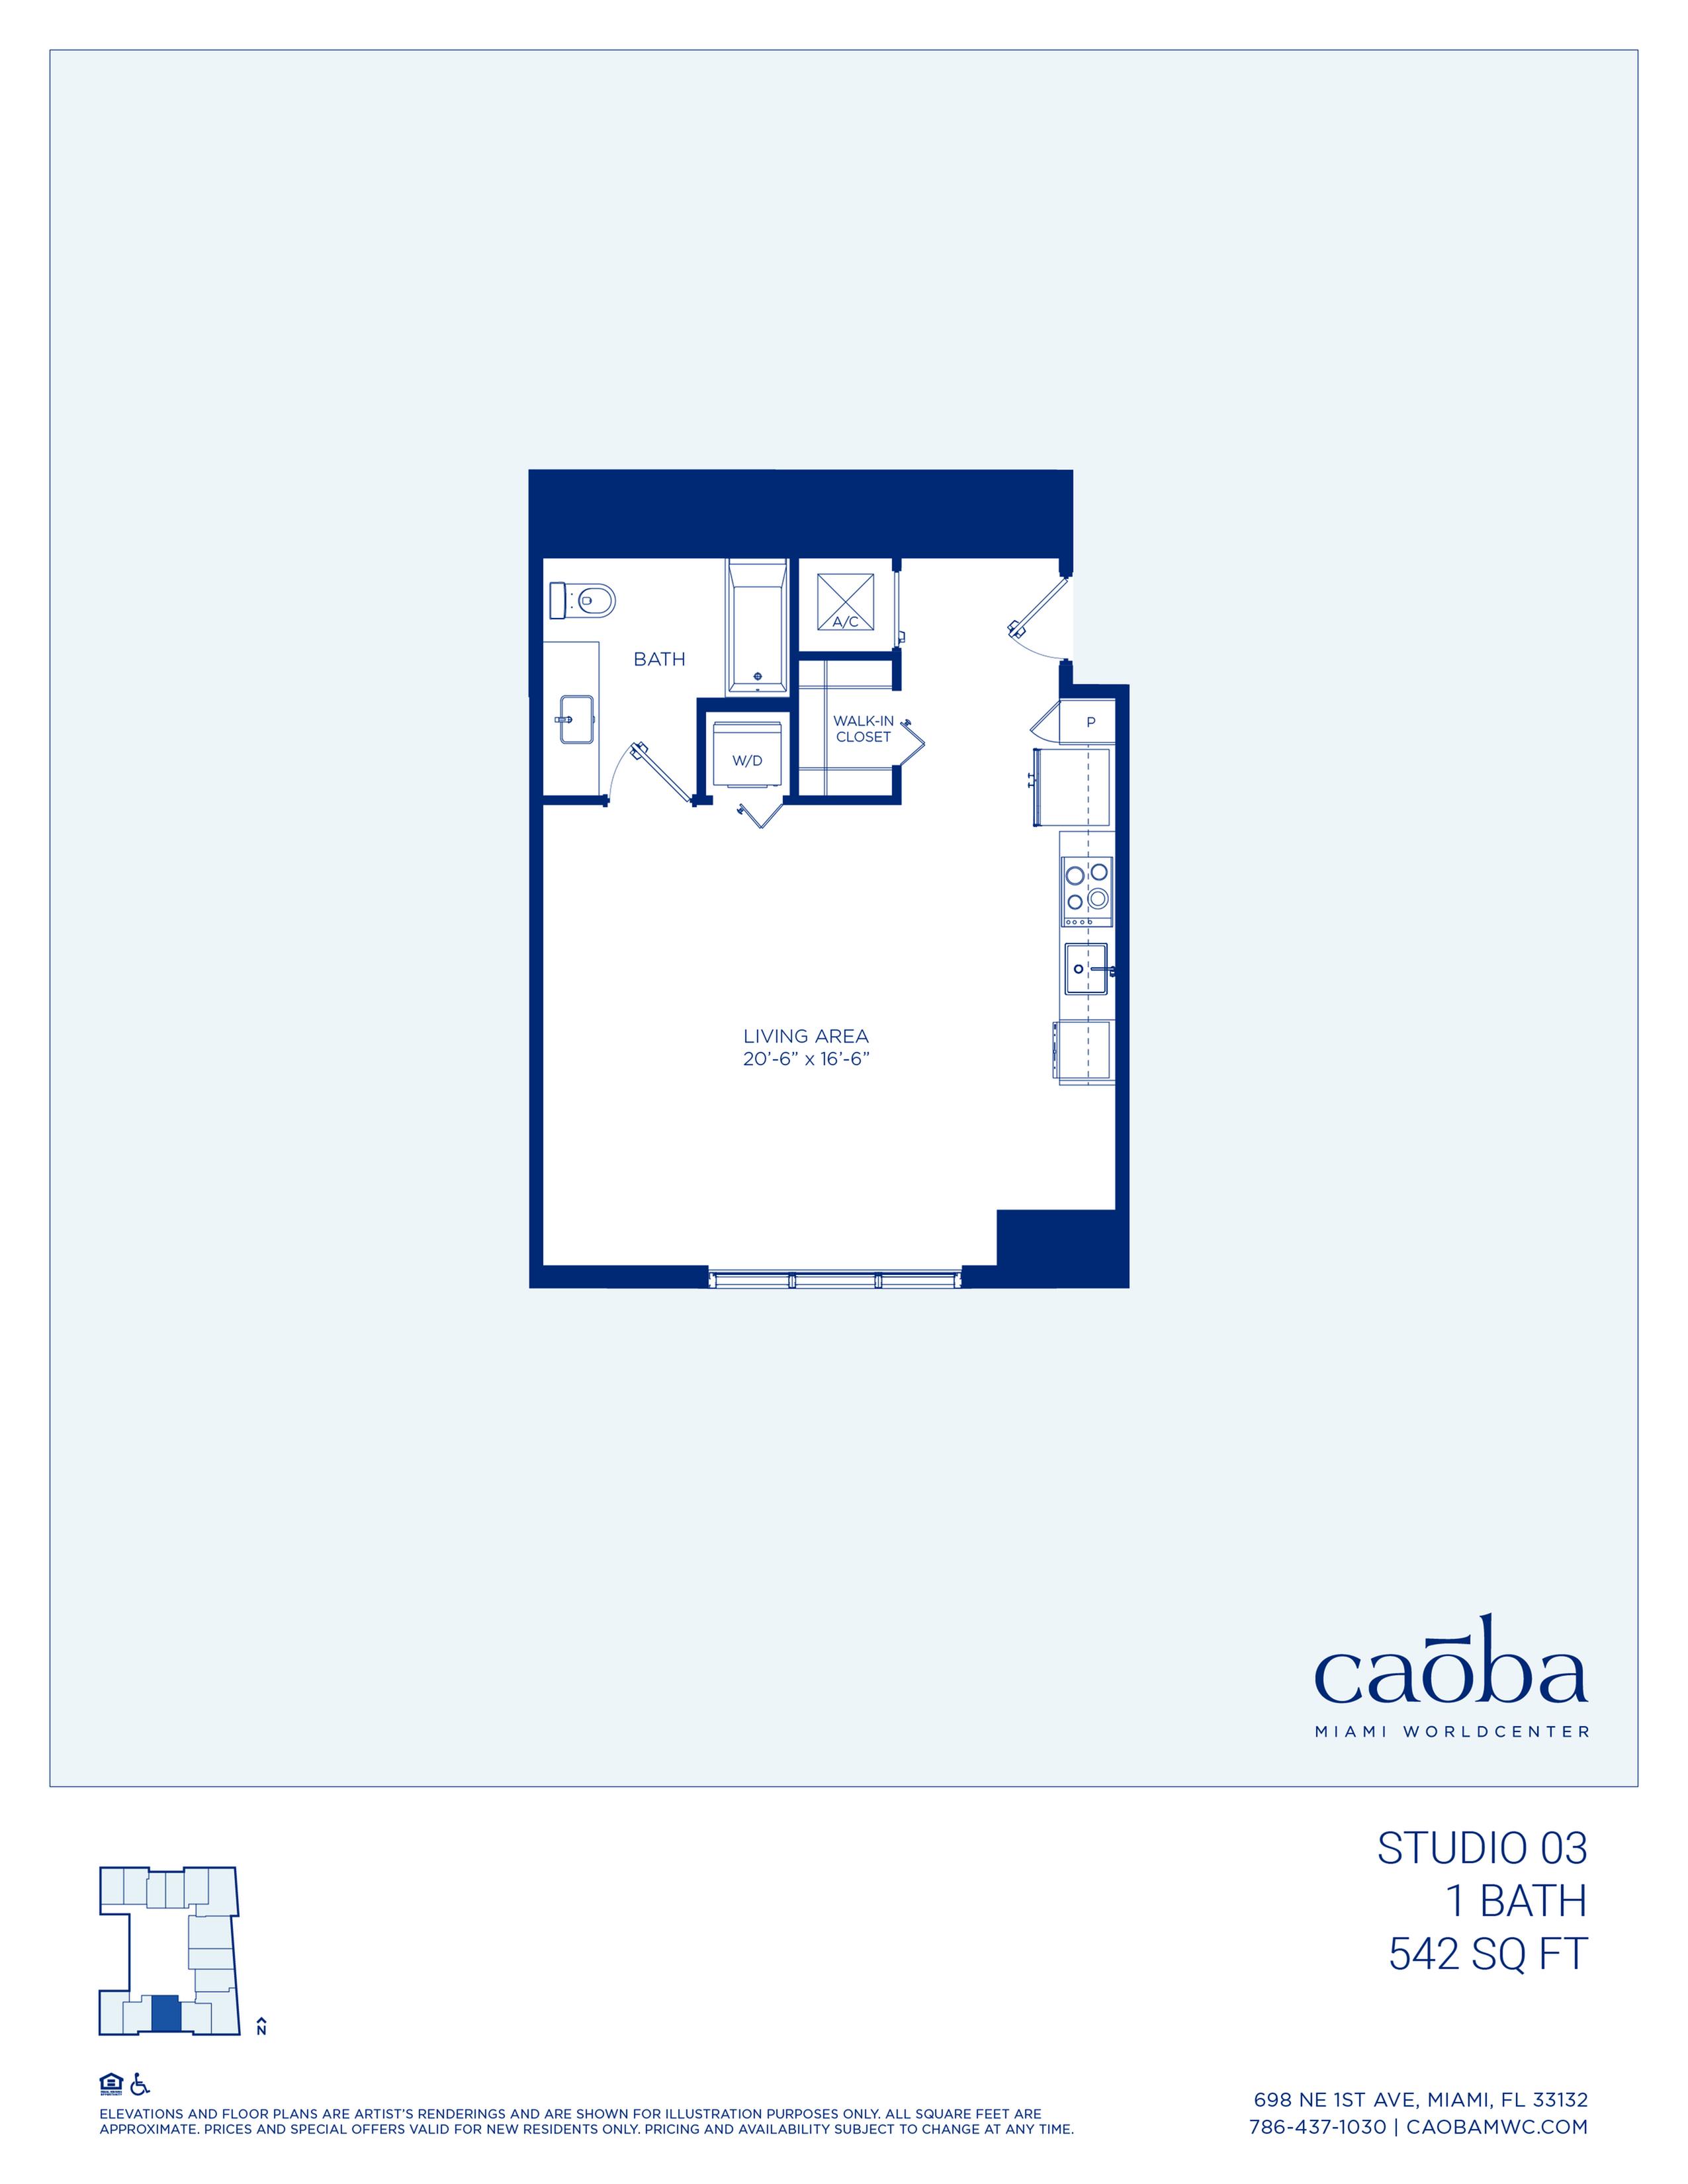 Miami Caoba Floorplan - S-03